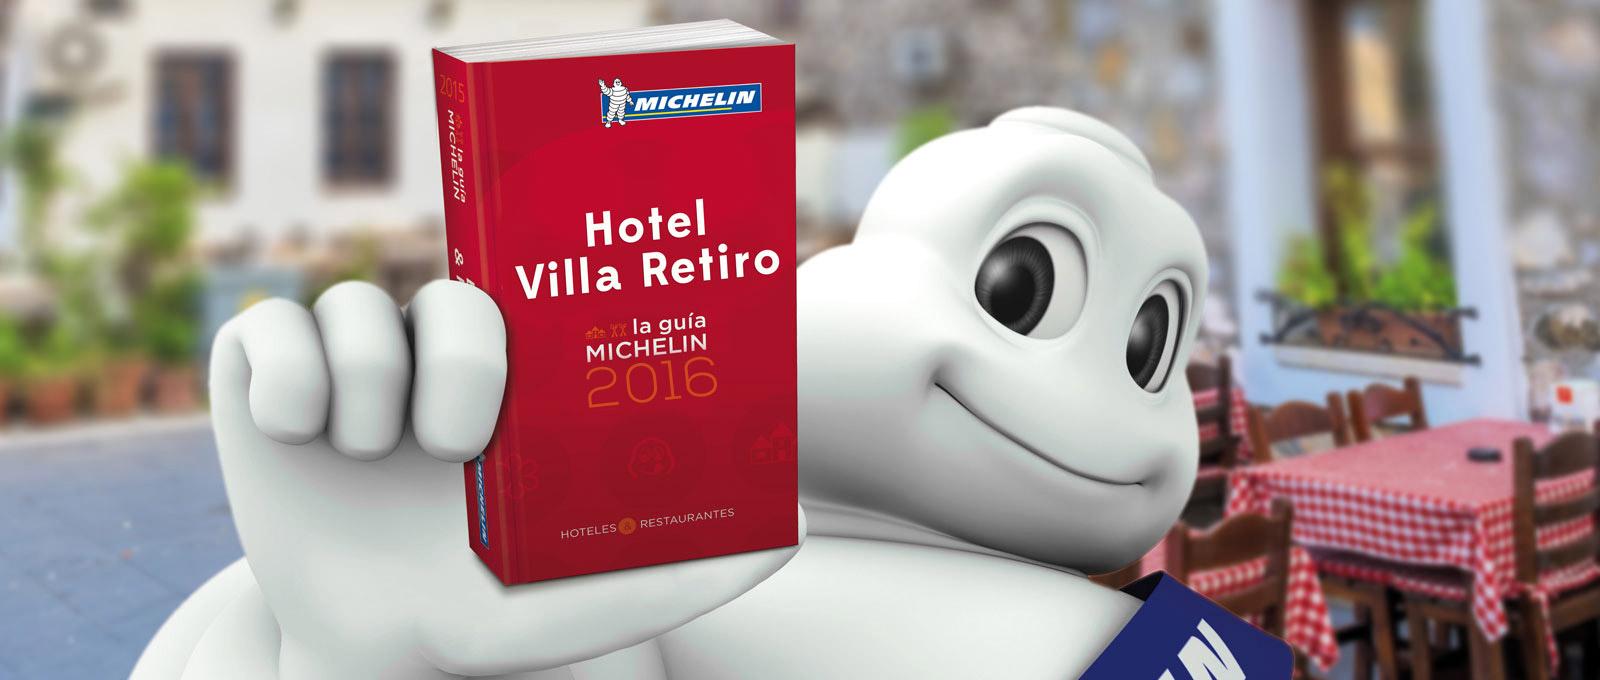 Hotel-Villa-Retiro-Restaurante-guia-michelin-2016-estrella-michelin